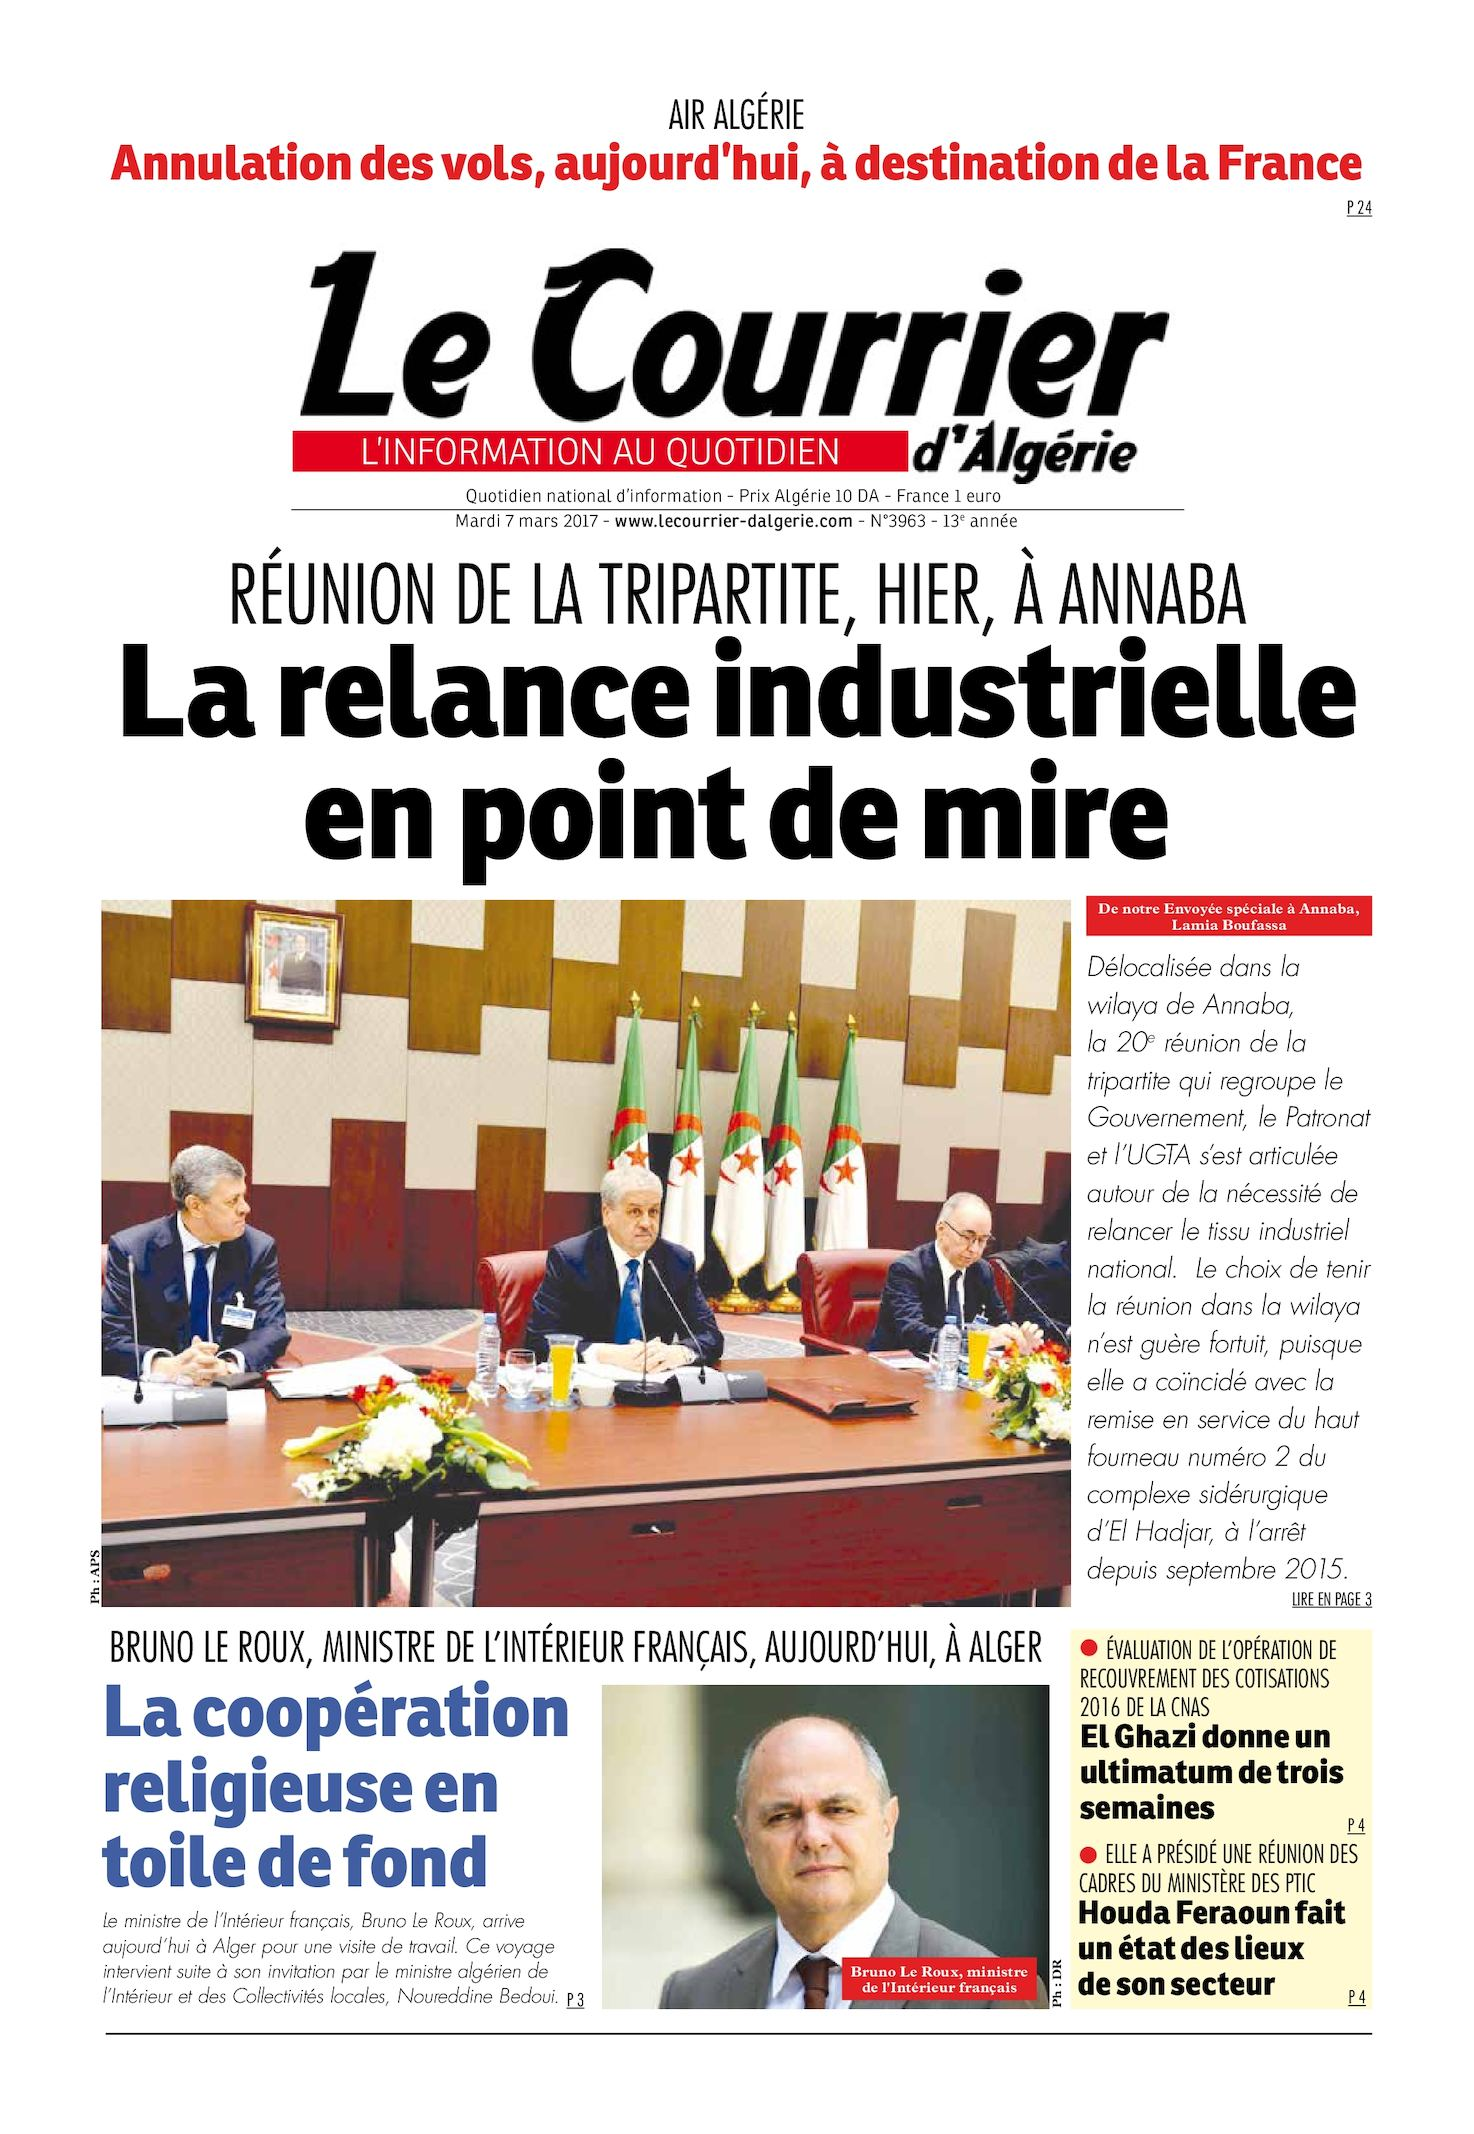 Le Courrier D'Algérie Du Mardi 7 Mars 2017